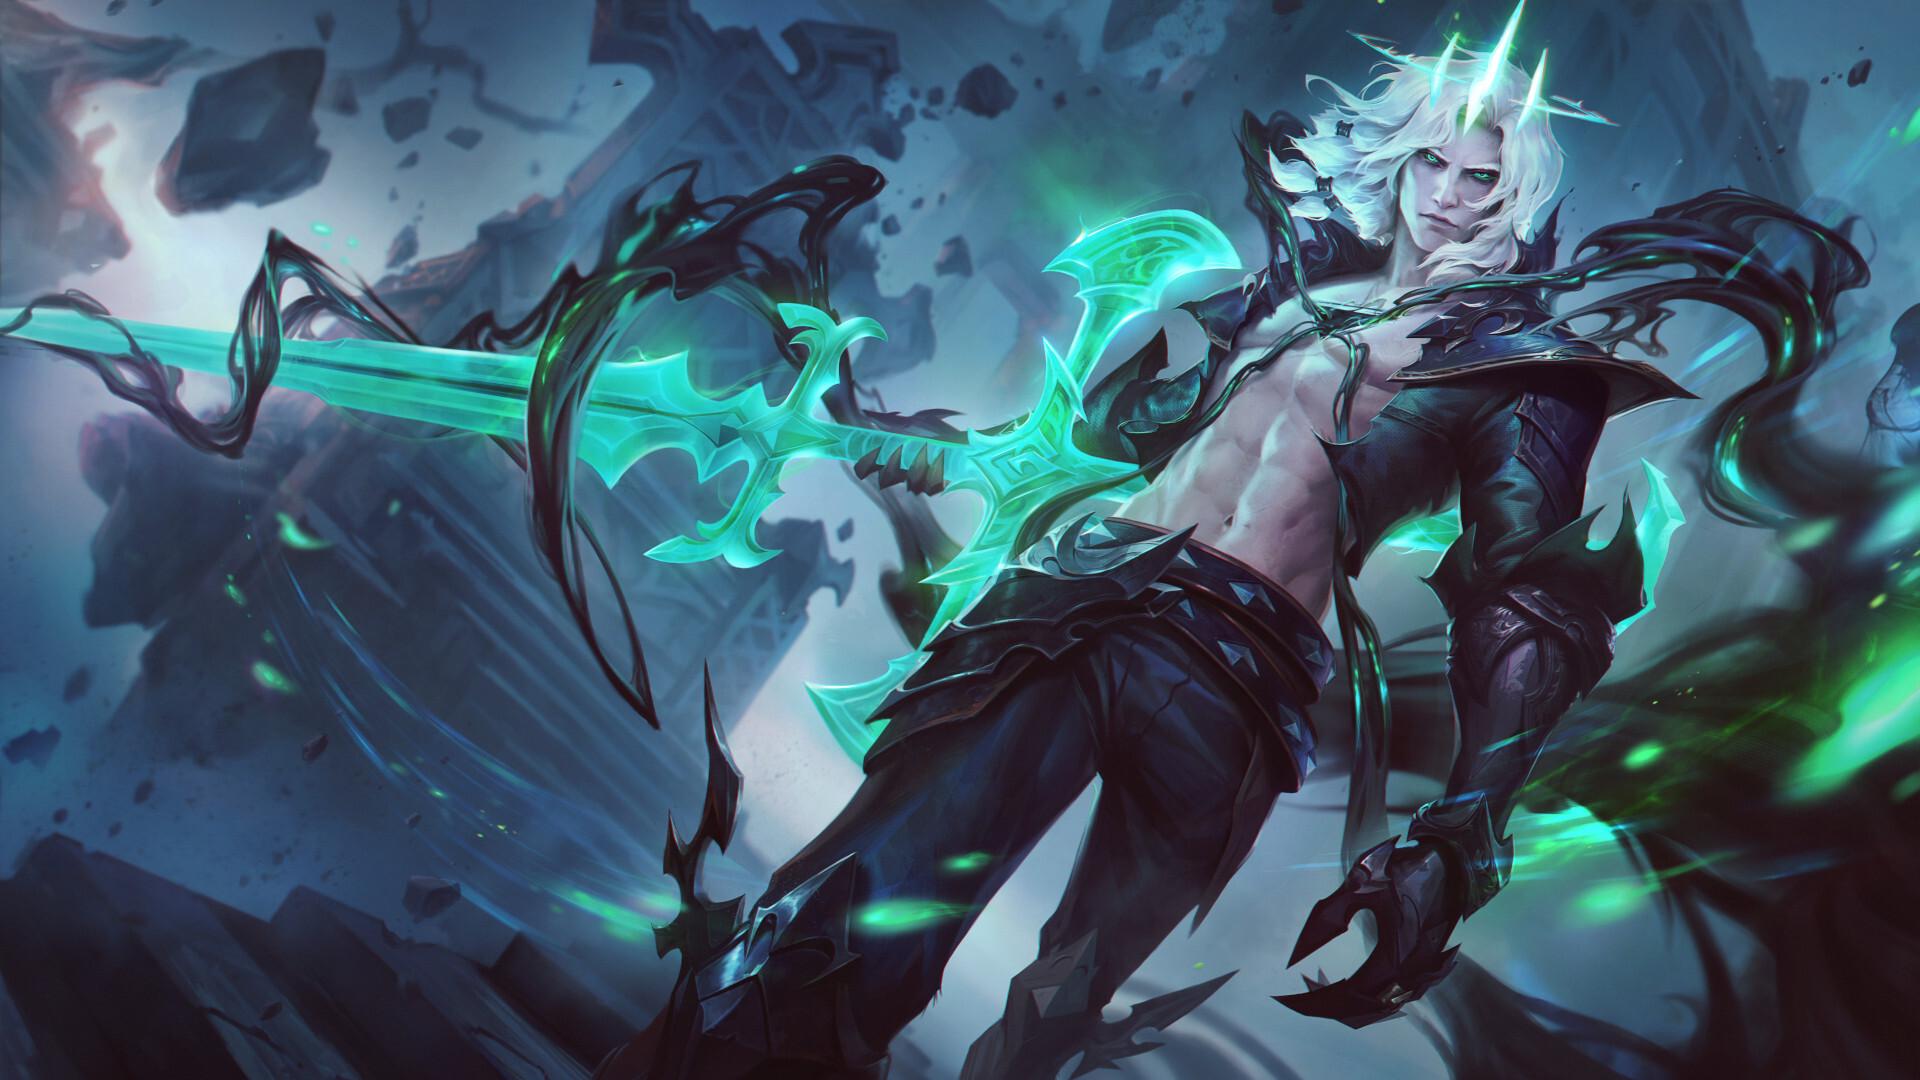 Viego, o Rei Destruído, será o novo lançamento de campeão de League of Legends. O personagem novo foi anunciado pela Riot na abertura da Season 11.